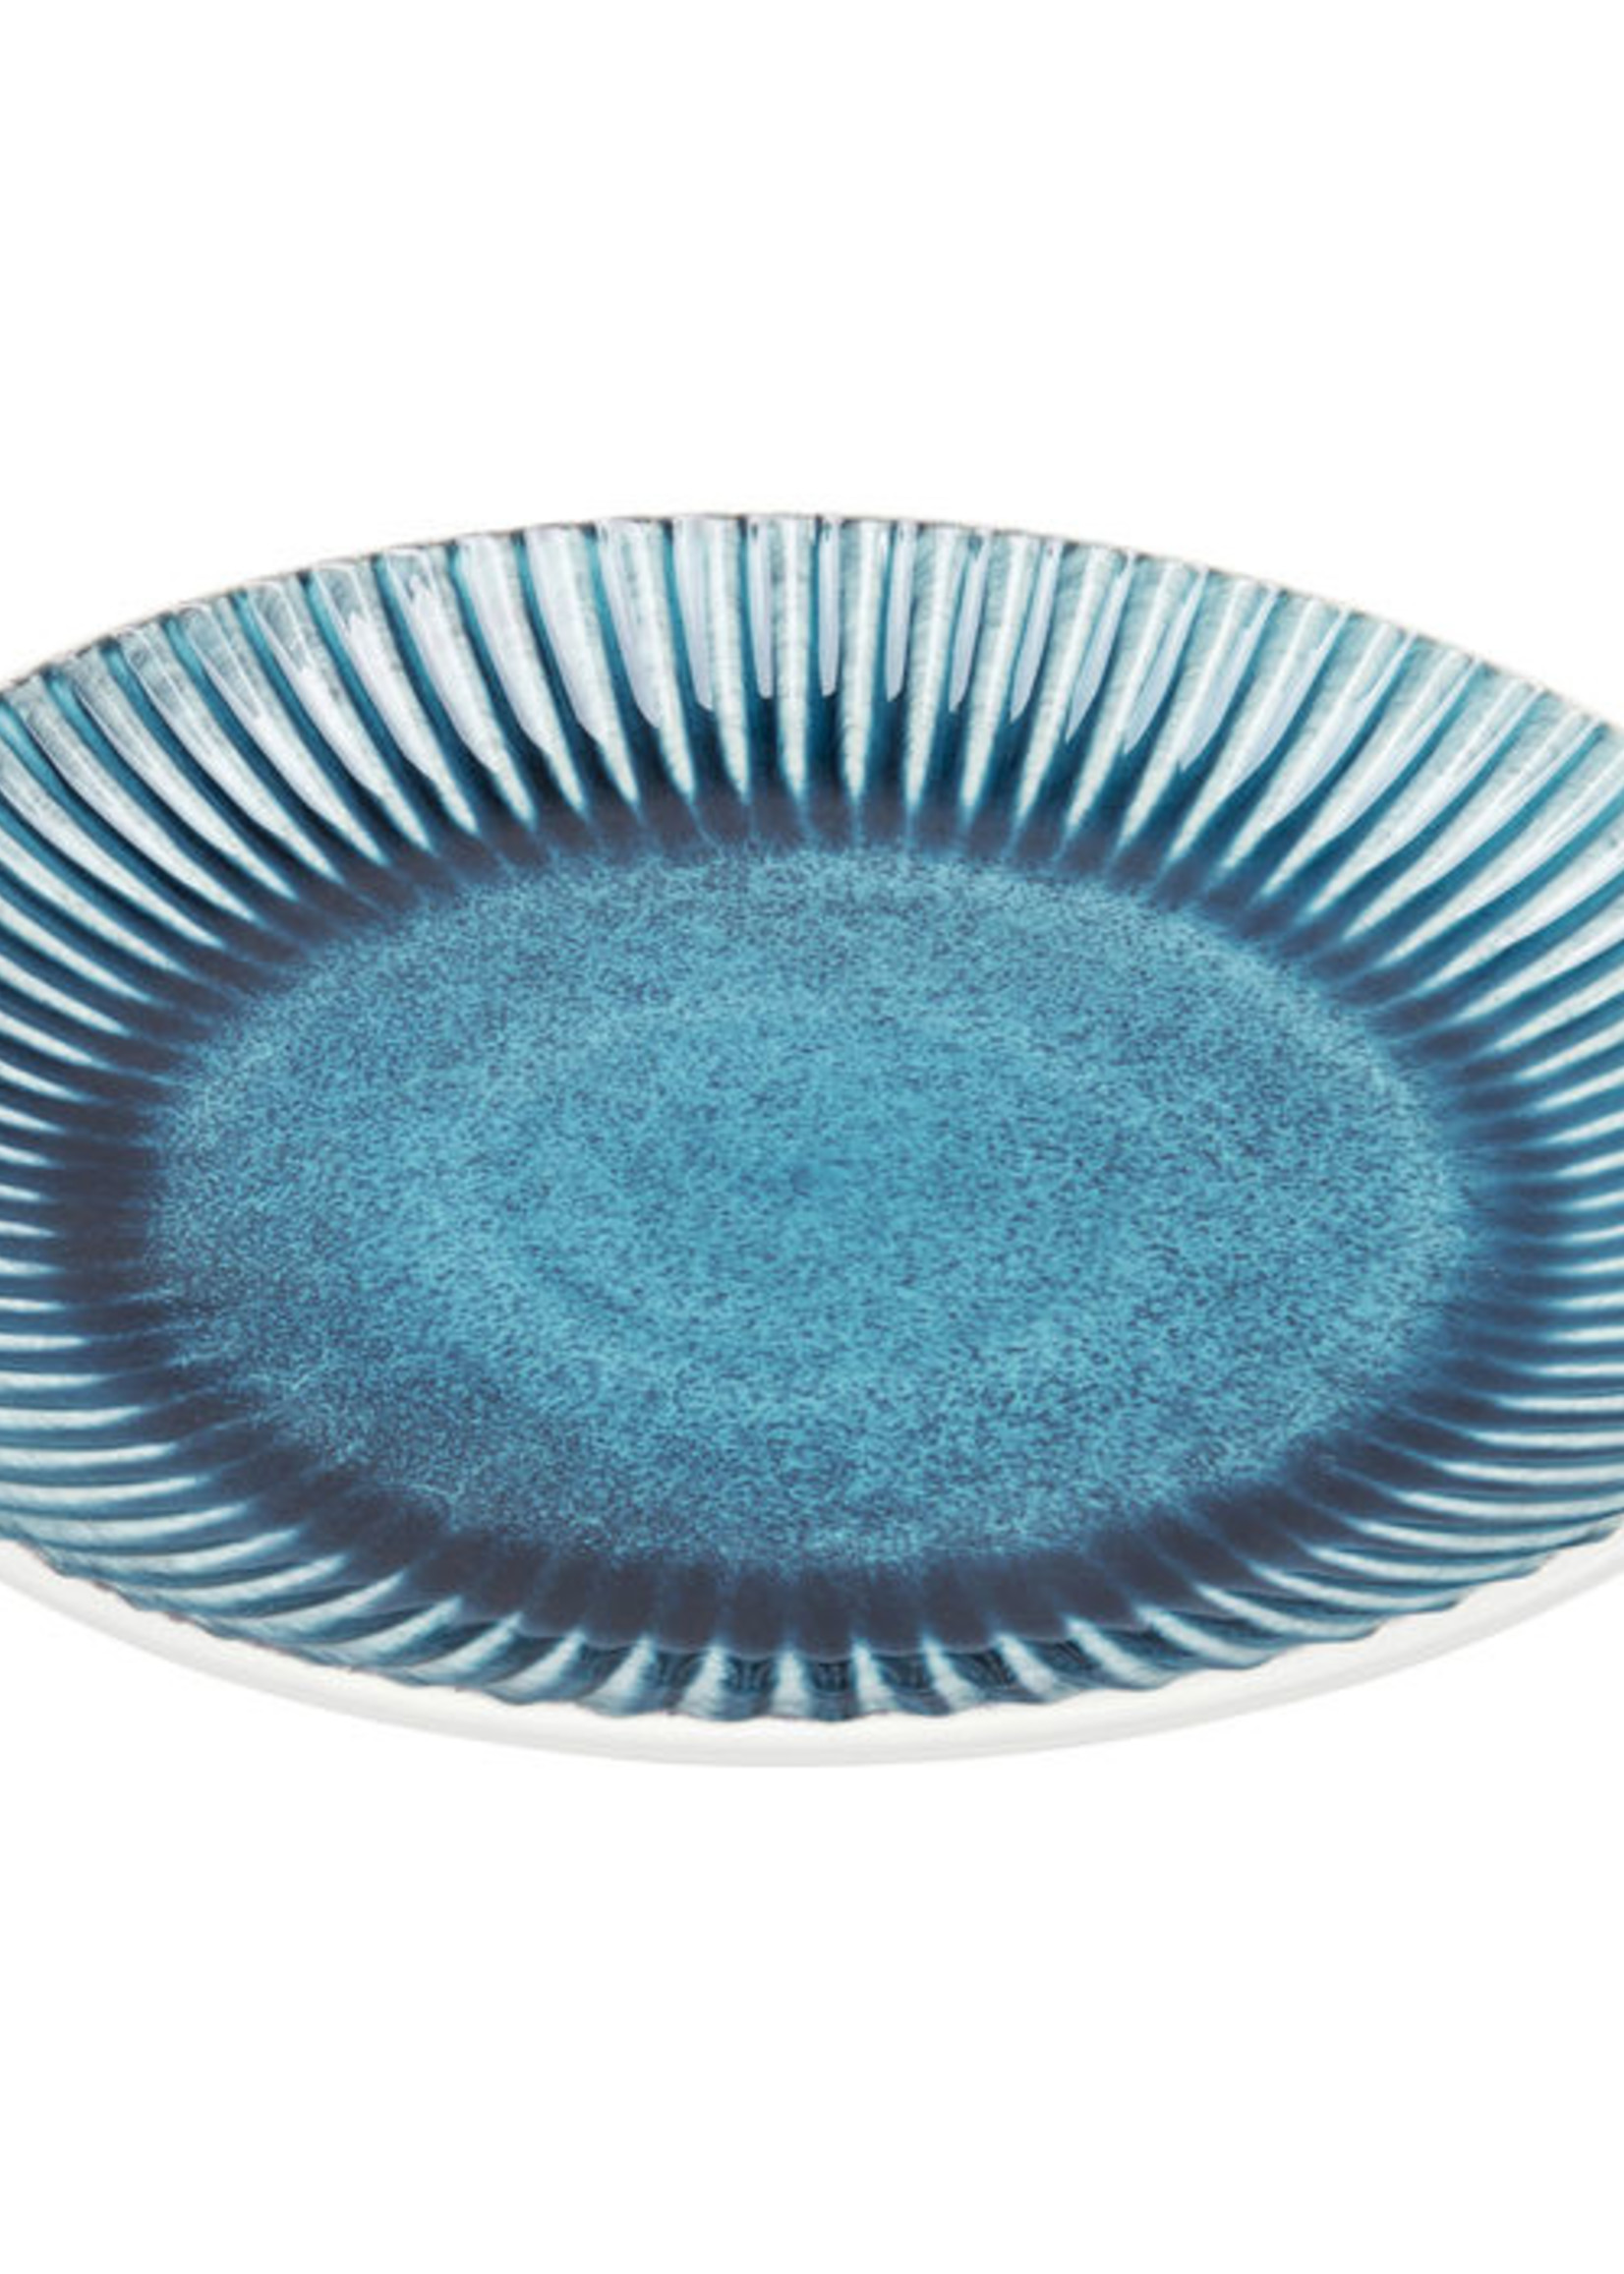 KARE DESIGN Plate Mustique Rim Ø29cm